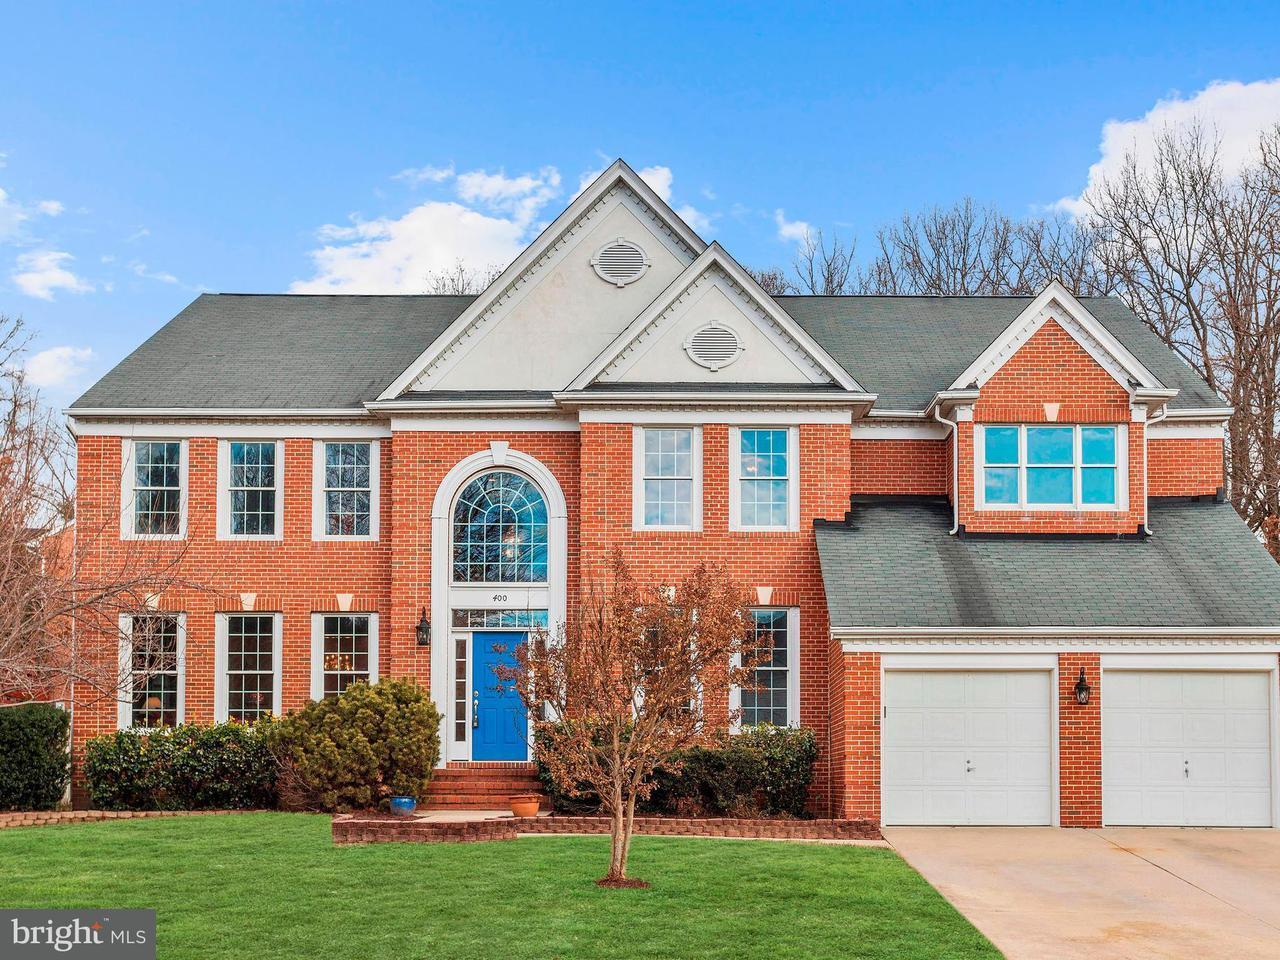 独户住宅 为 销售 在 400 Red Birch Road 400 Red Birch Road Millersville, 马里兰州 21108 美国